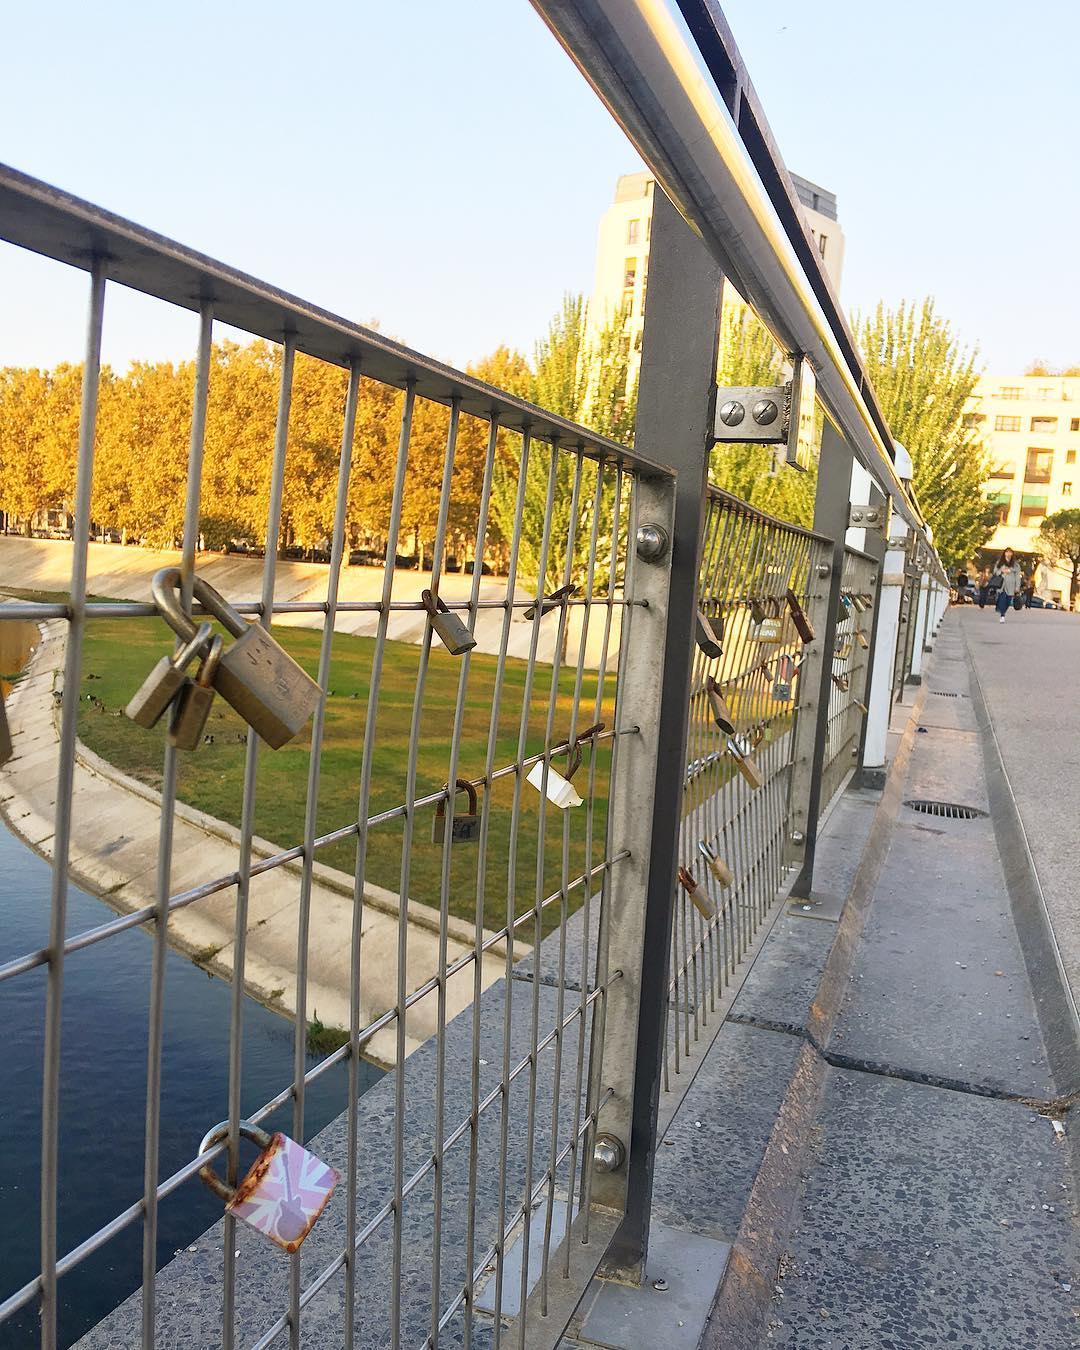 À Montpellier nous avons aussi notre pont des amoureux ❤️?? ... sur la Passerelle des Barons de Caravettes !  _____________ #montpellier #travel #travelblog #voyage #travelblogger #travelphotography #blogvoyage #pintademontpellier #igersfrance #igersmontpellier